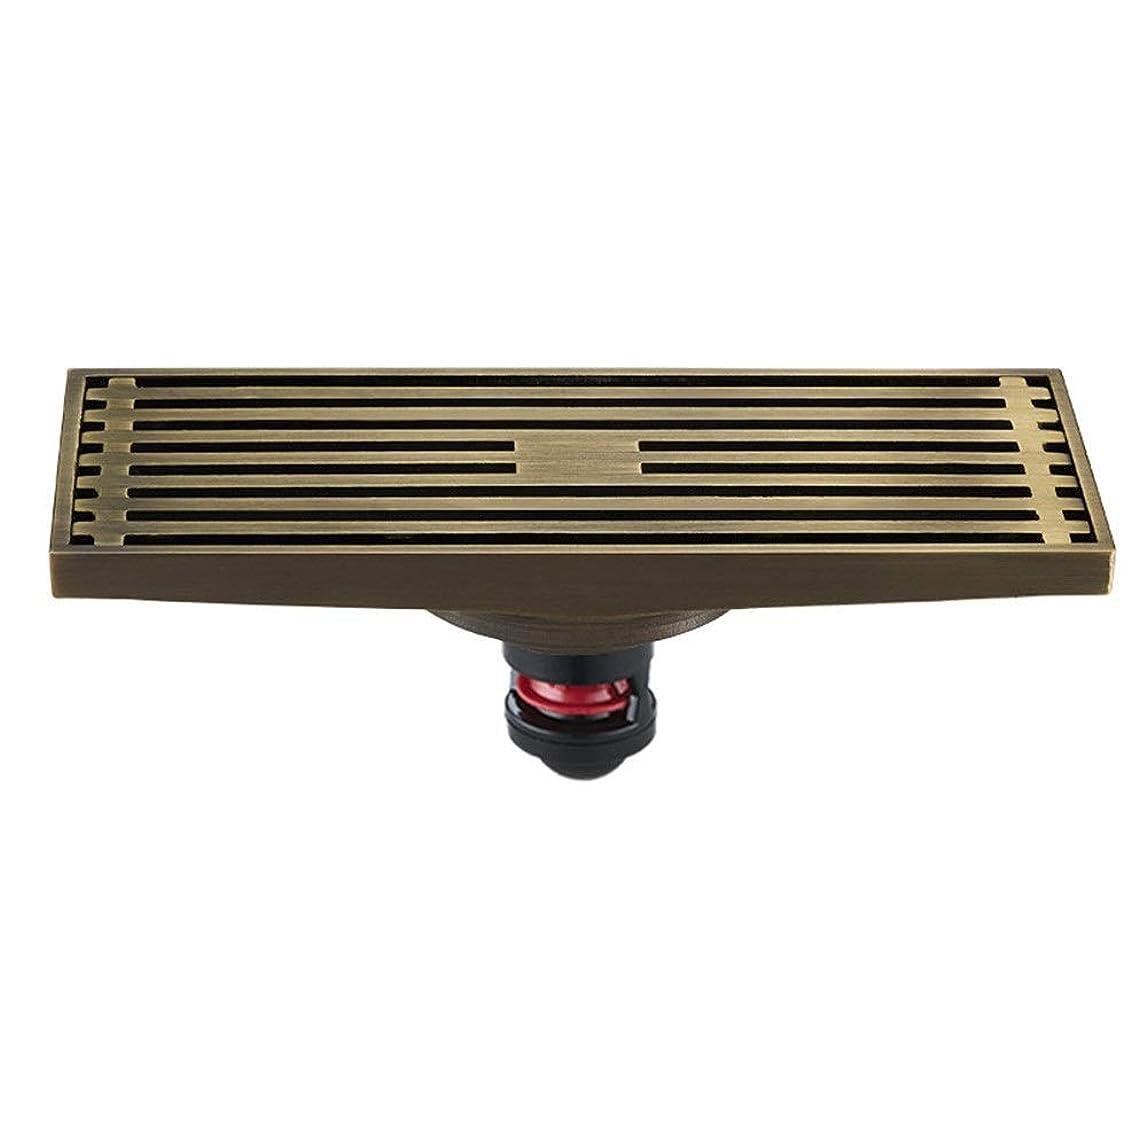 物理的なジェット意味する大流量デオドラントアンチウォーターバスルームの床排水タイルシャワーヘアーキャッチャーアンチ臭ストレーナーアンティークコッパー 浴槽の詰まり防止 (色 : ゴールド, サイズ : 20 x 8 x 7 cm)